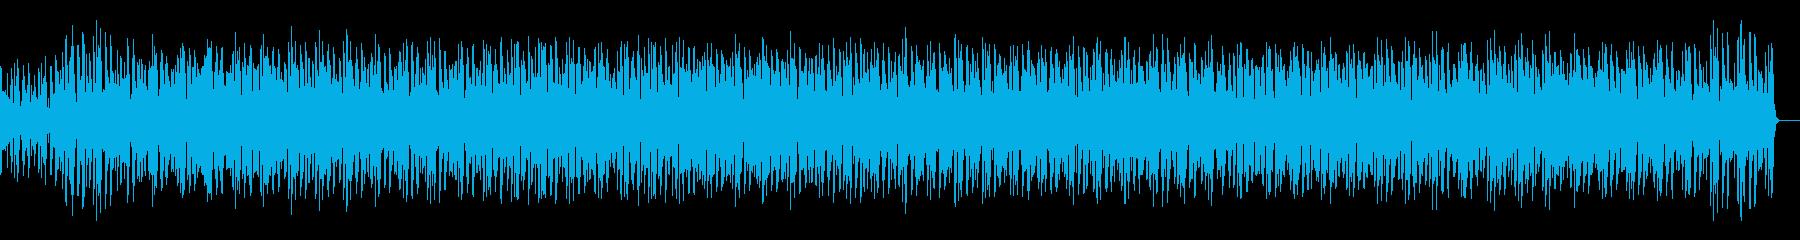 Switchingの再生済みの波形